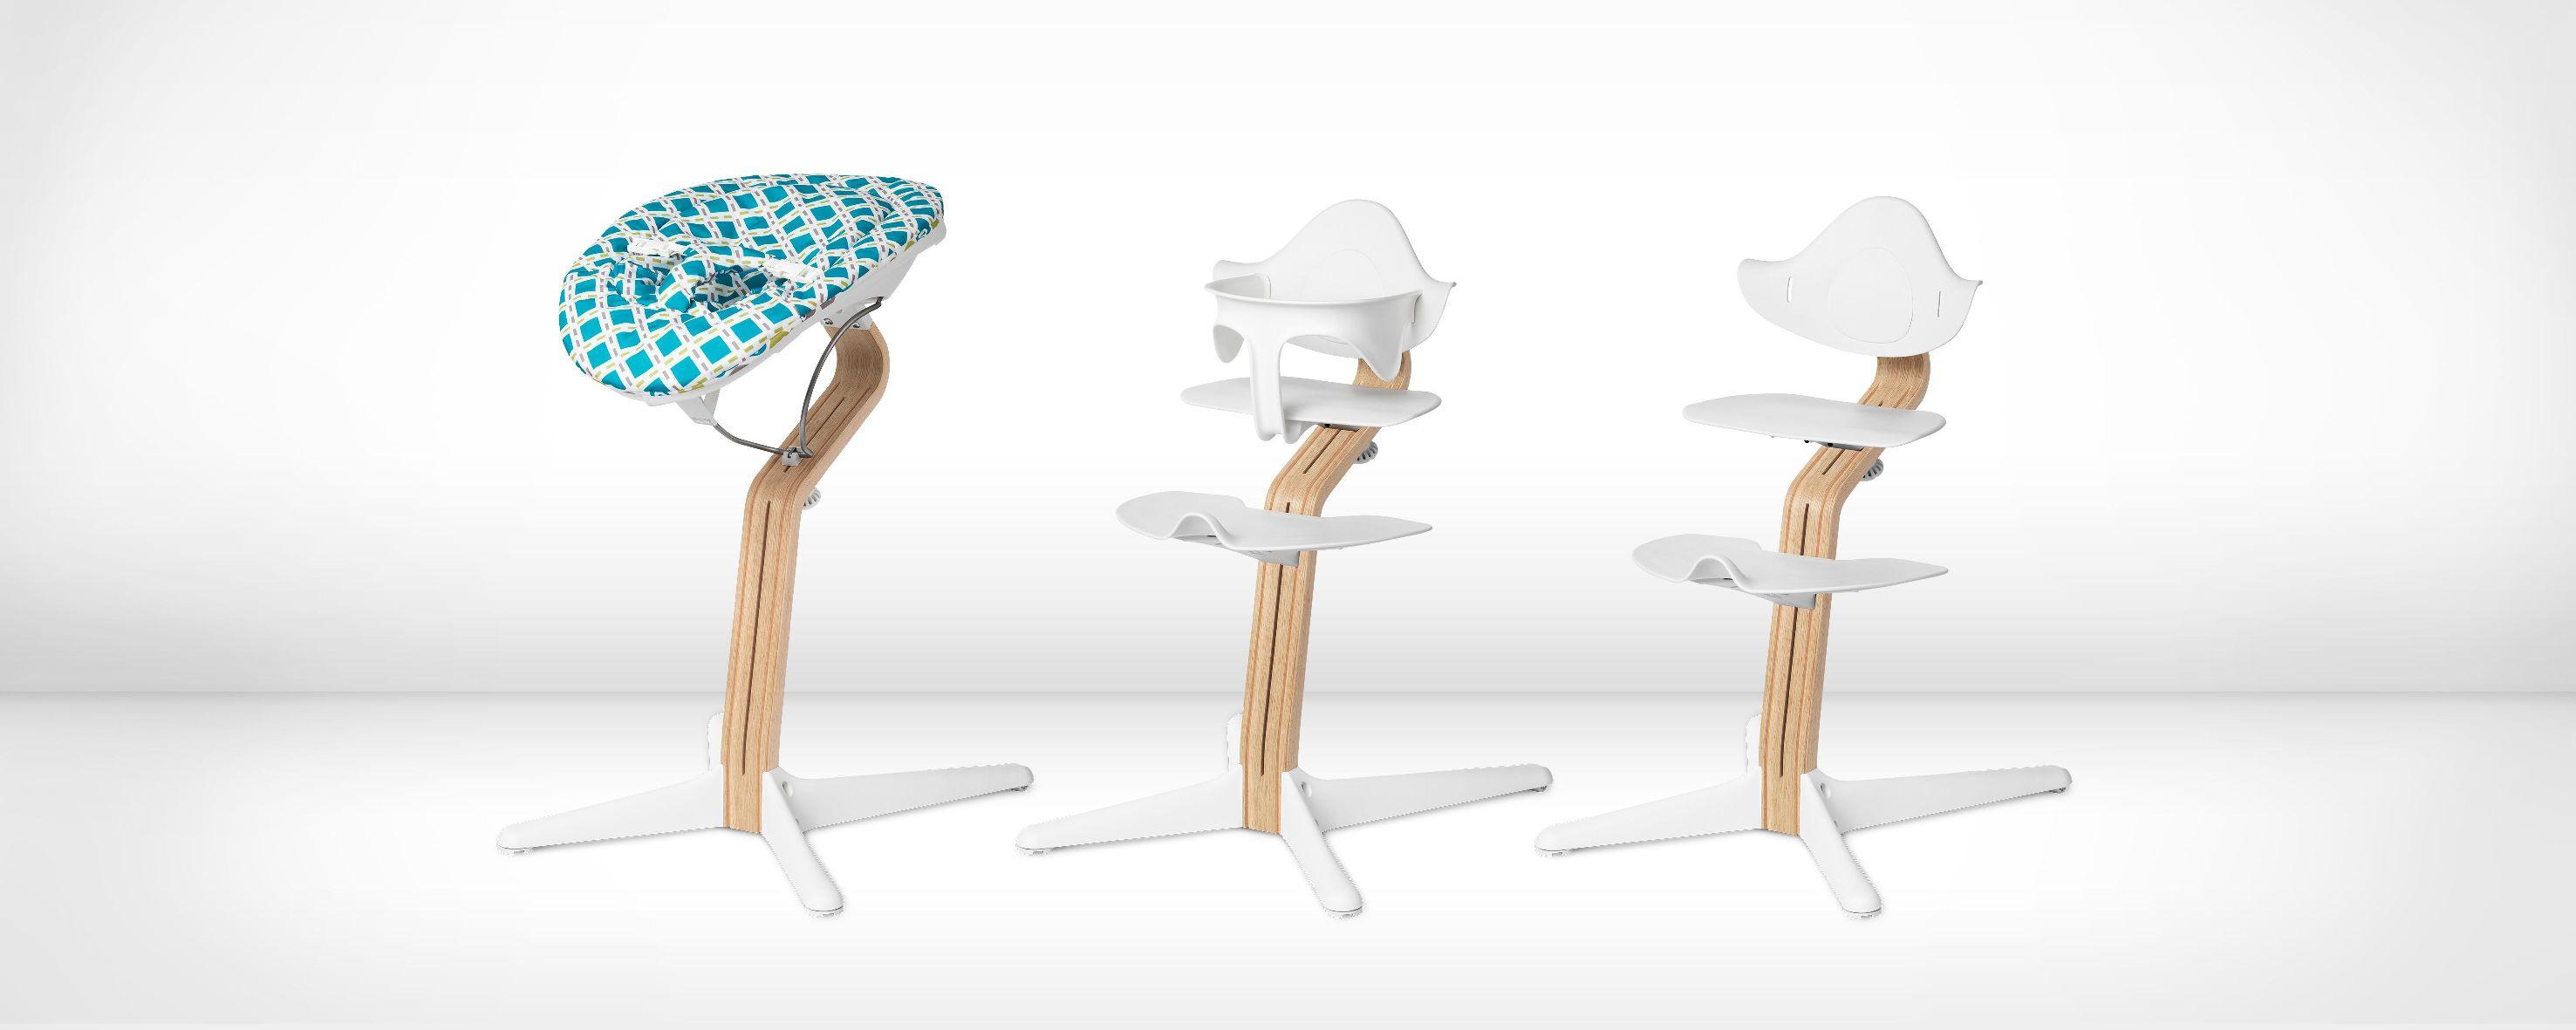 Vom Erfinder Des Tripp Trapp Neuer Innovativer Kinderstuhl Nomi